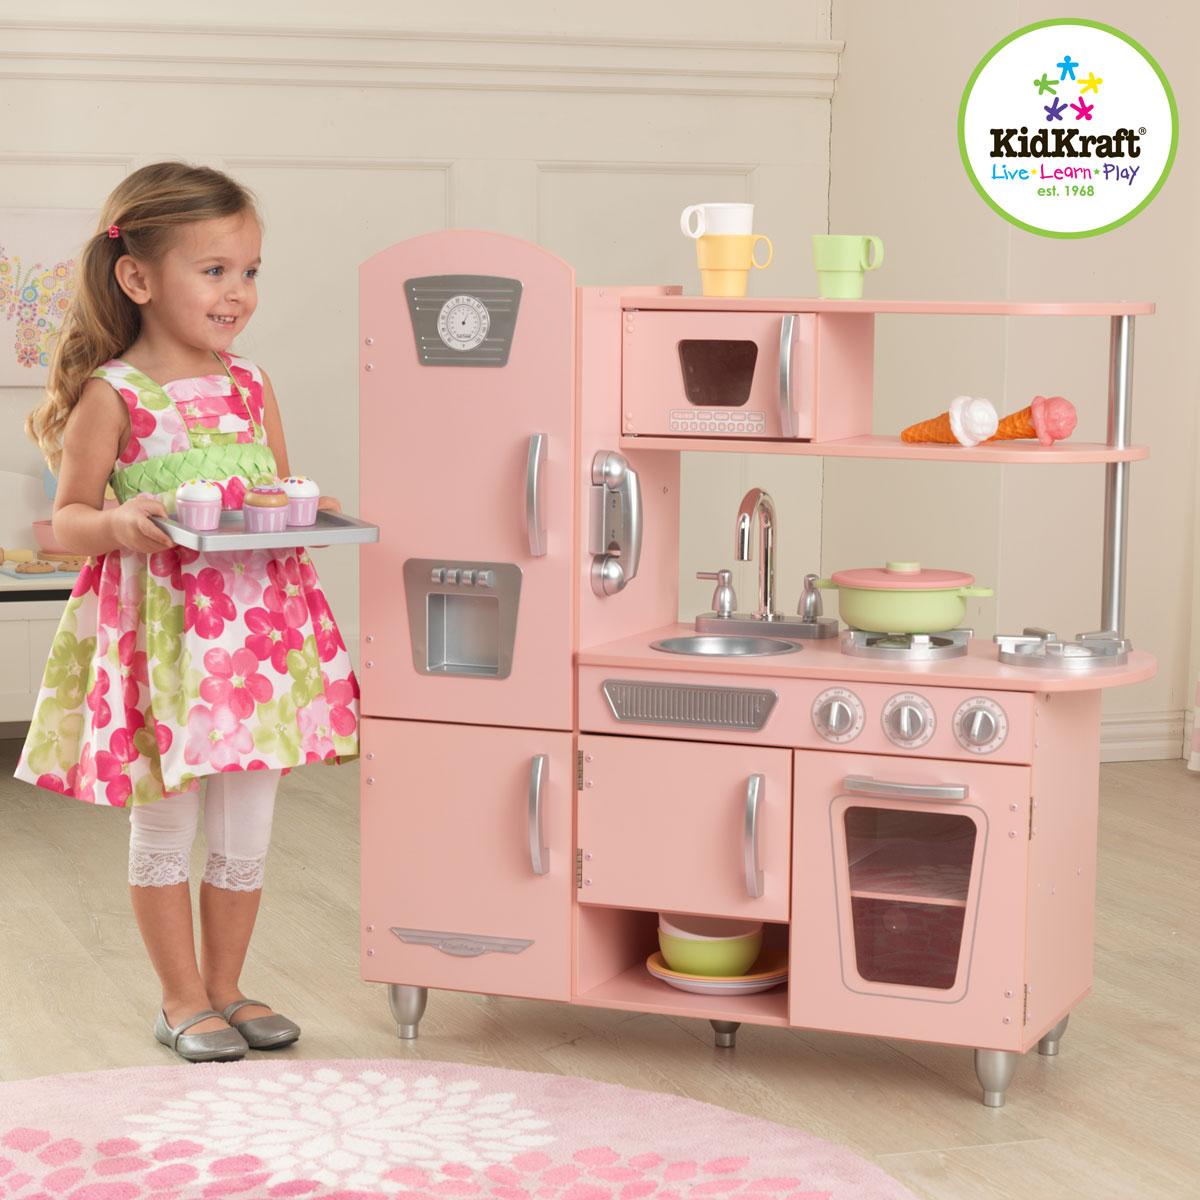 Kidkraft cucina vintage rosa 53179 - Cocina rosa ...